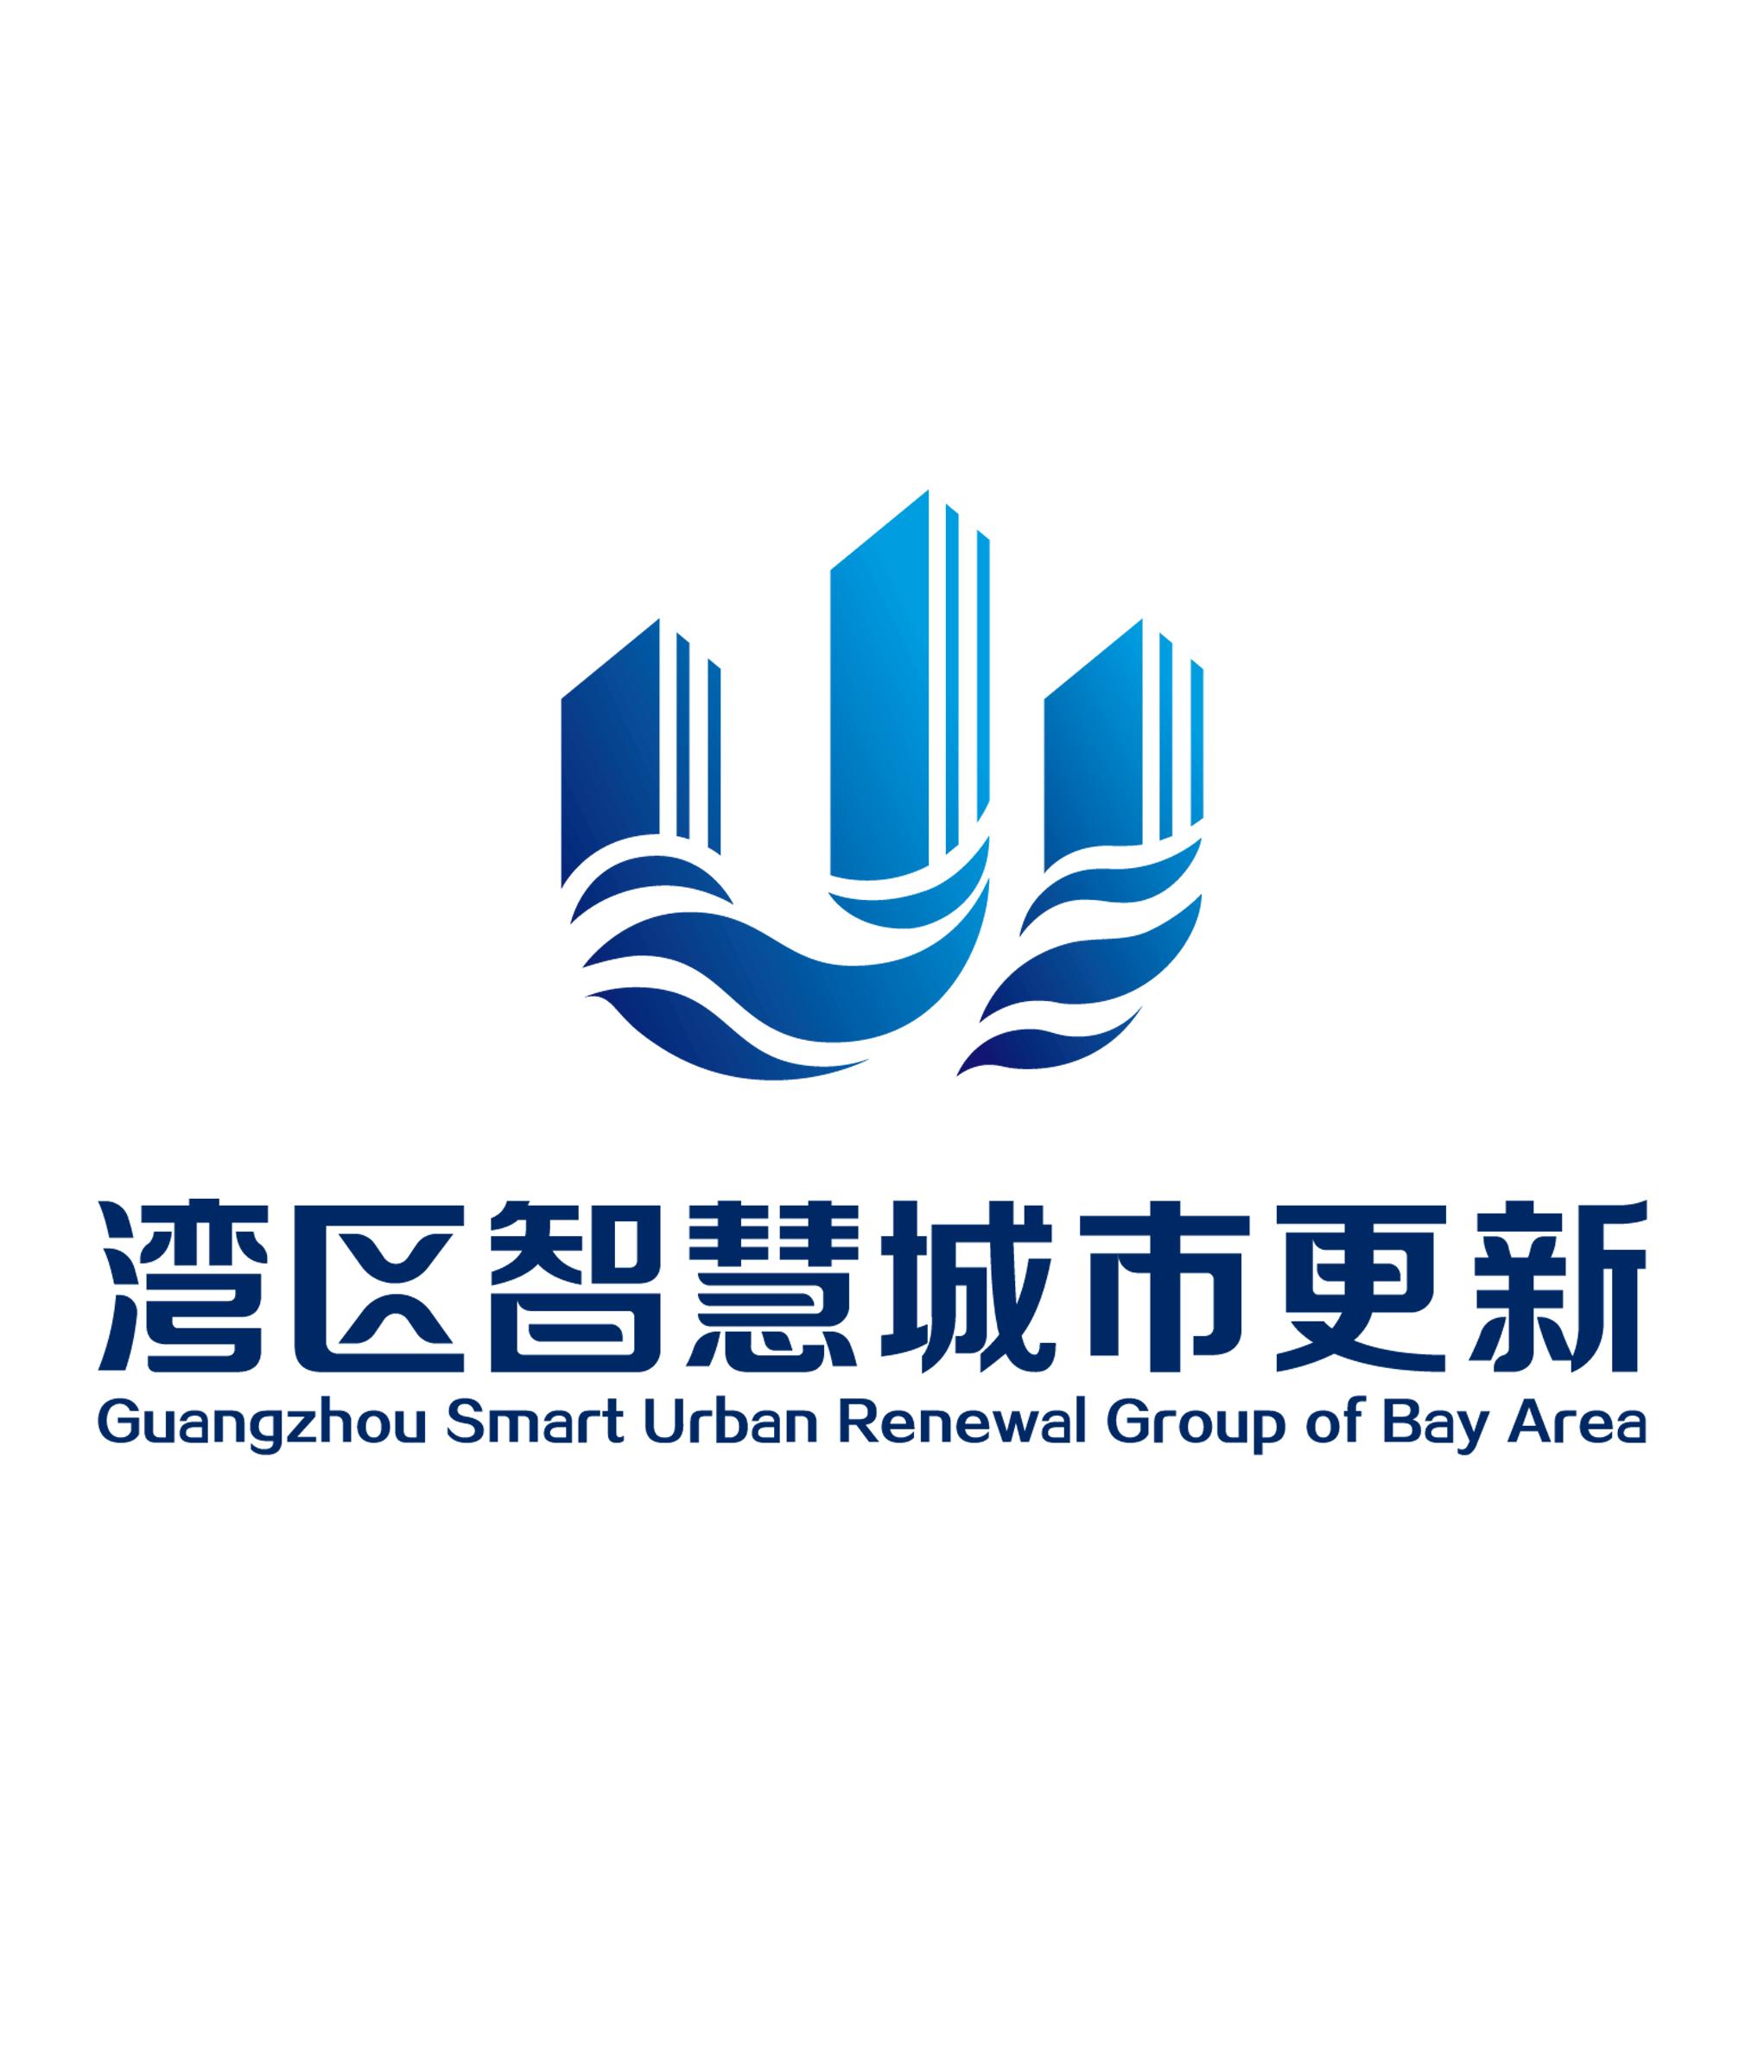 副会长:广州湾区智慧城市更新投资有限公司